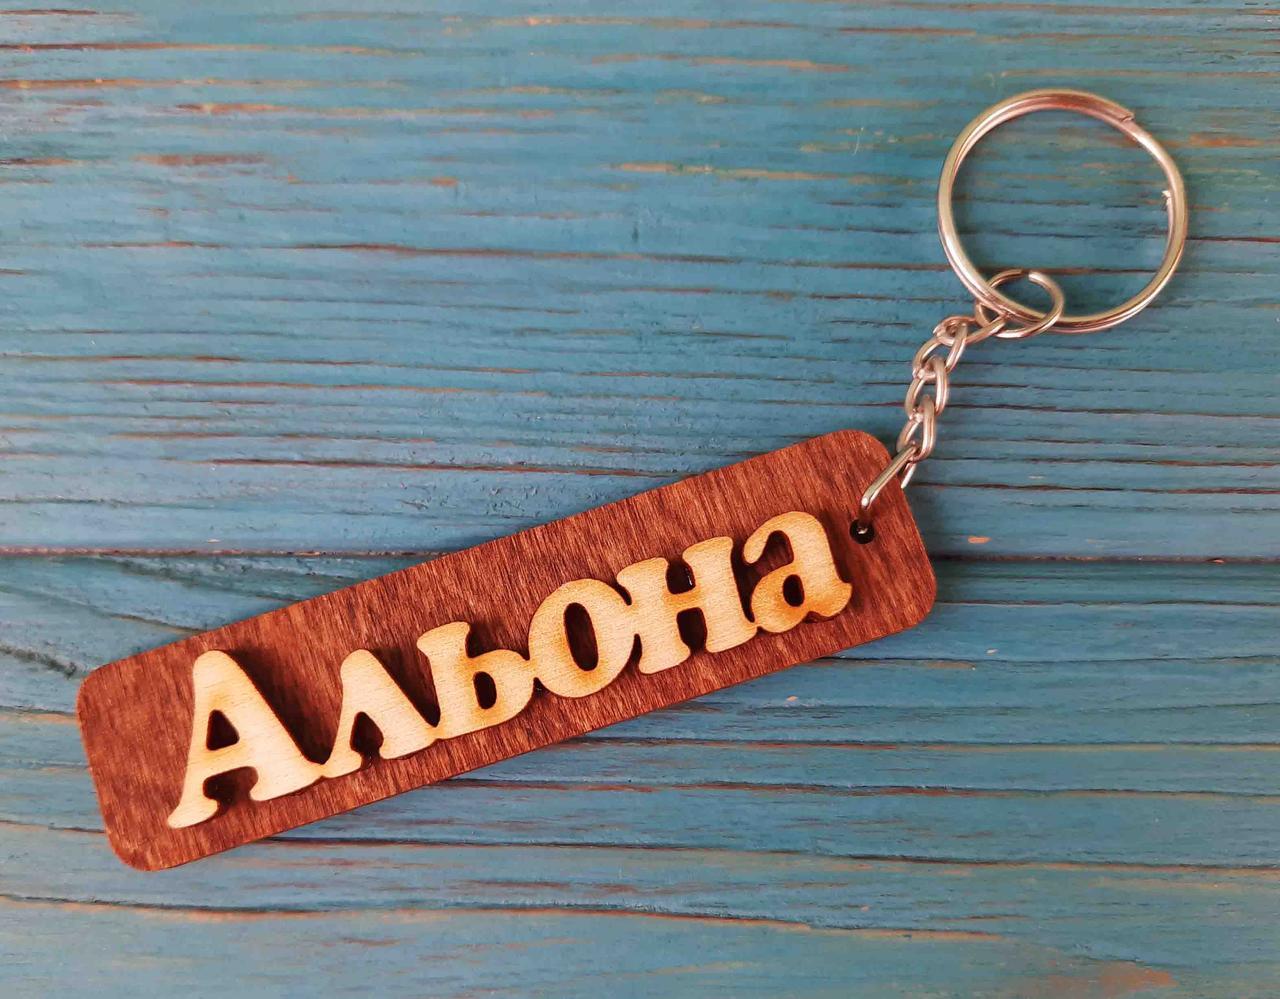 Брелок іменний Альона. Брелок з ім'ям Альона. Брелок дерев'яний. Брелок для ключів. Брелоки з іменами